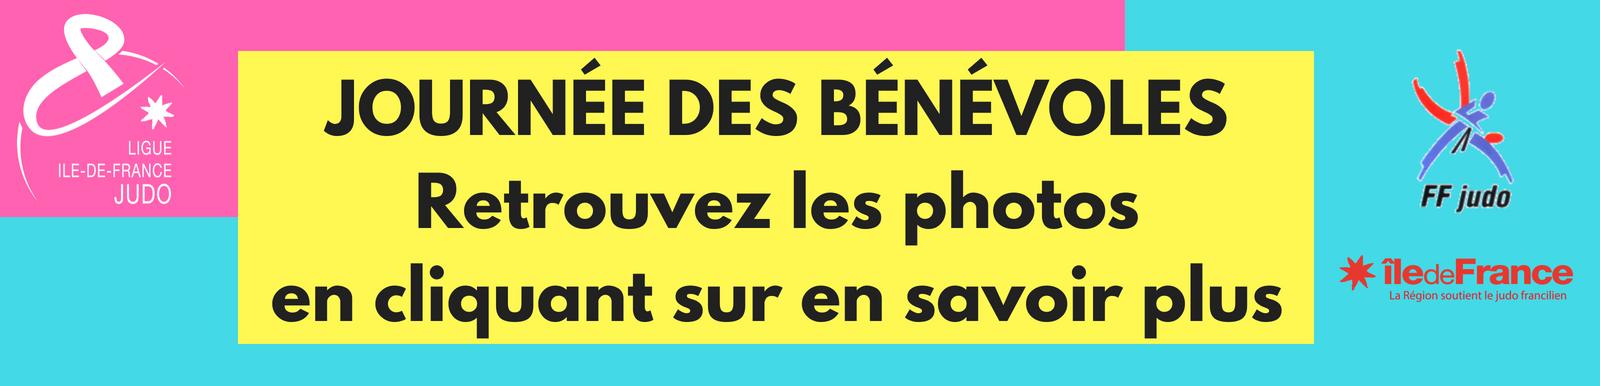 banniere-photo-journe-benevoles2018